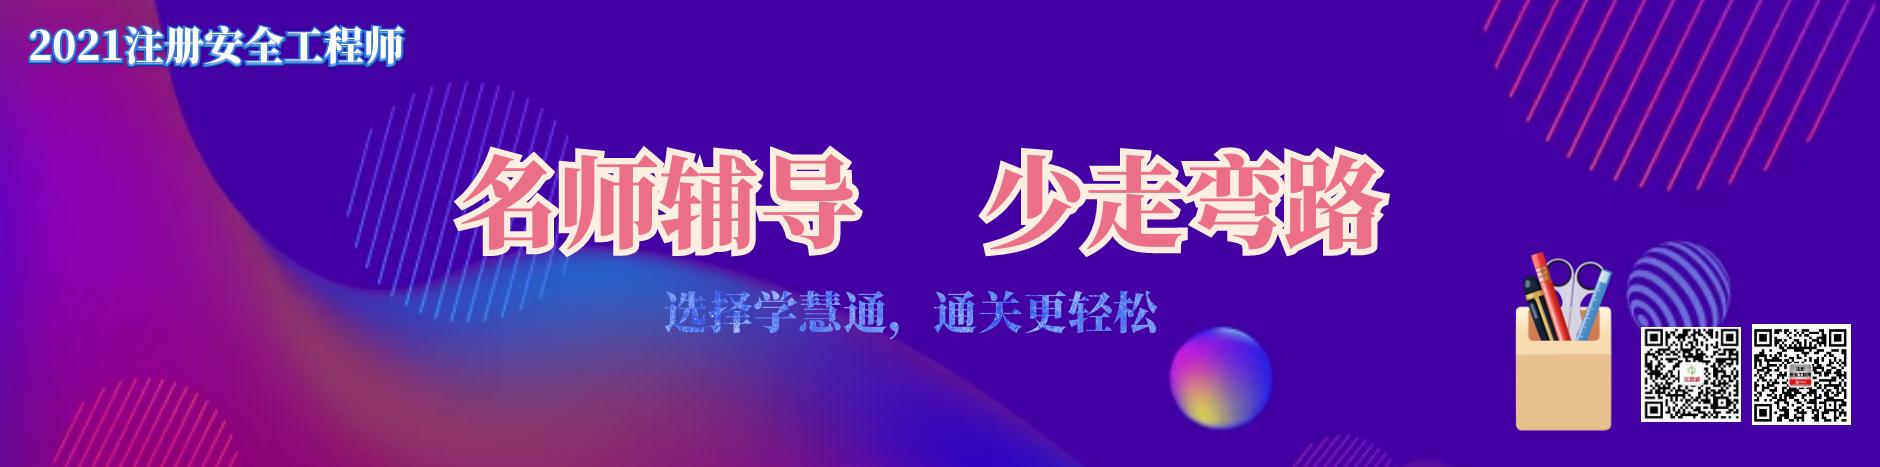 网站banner1